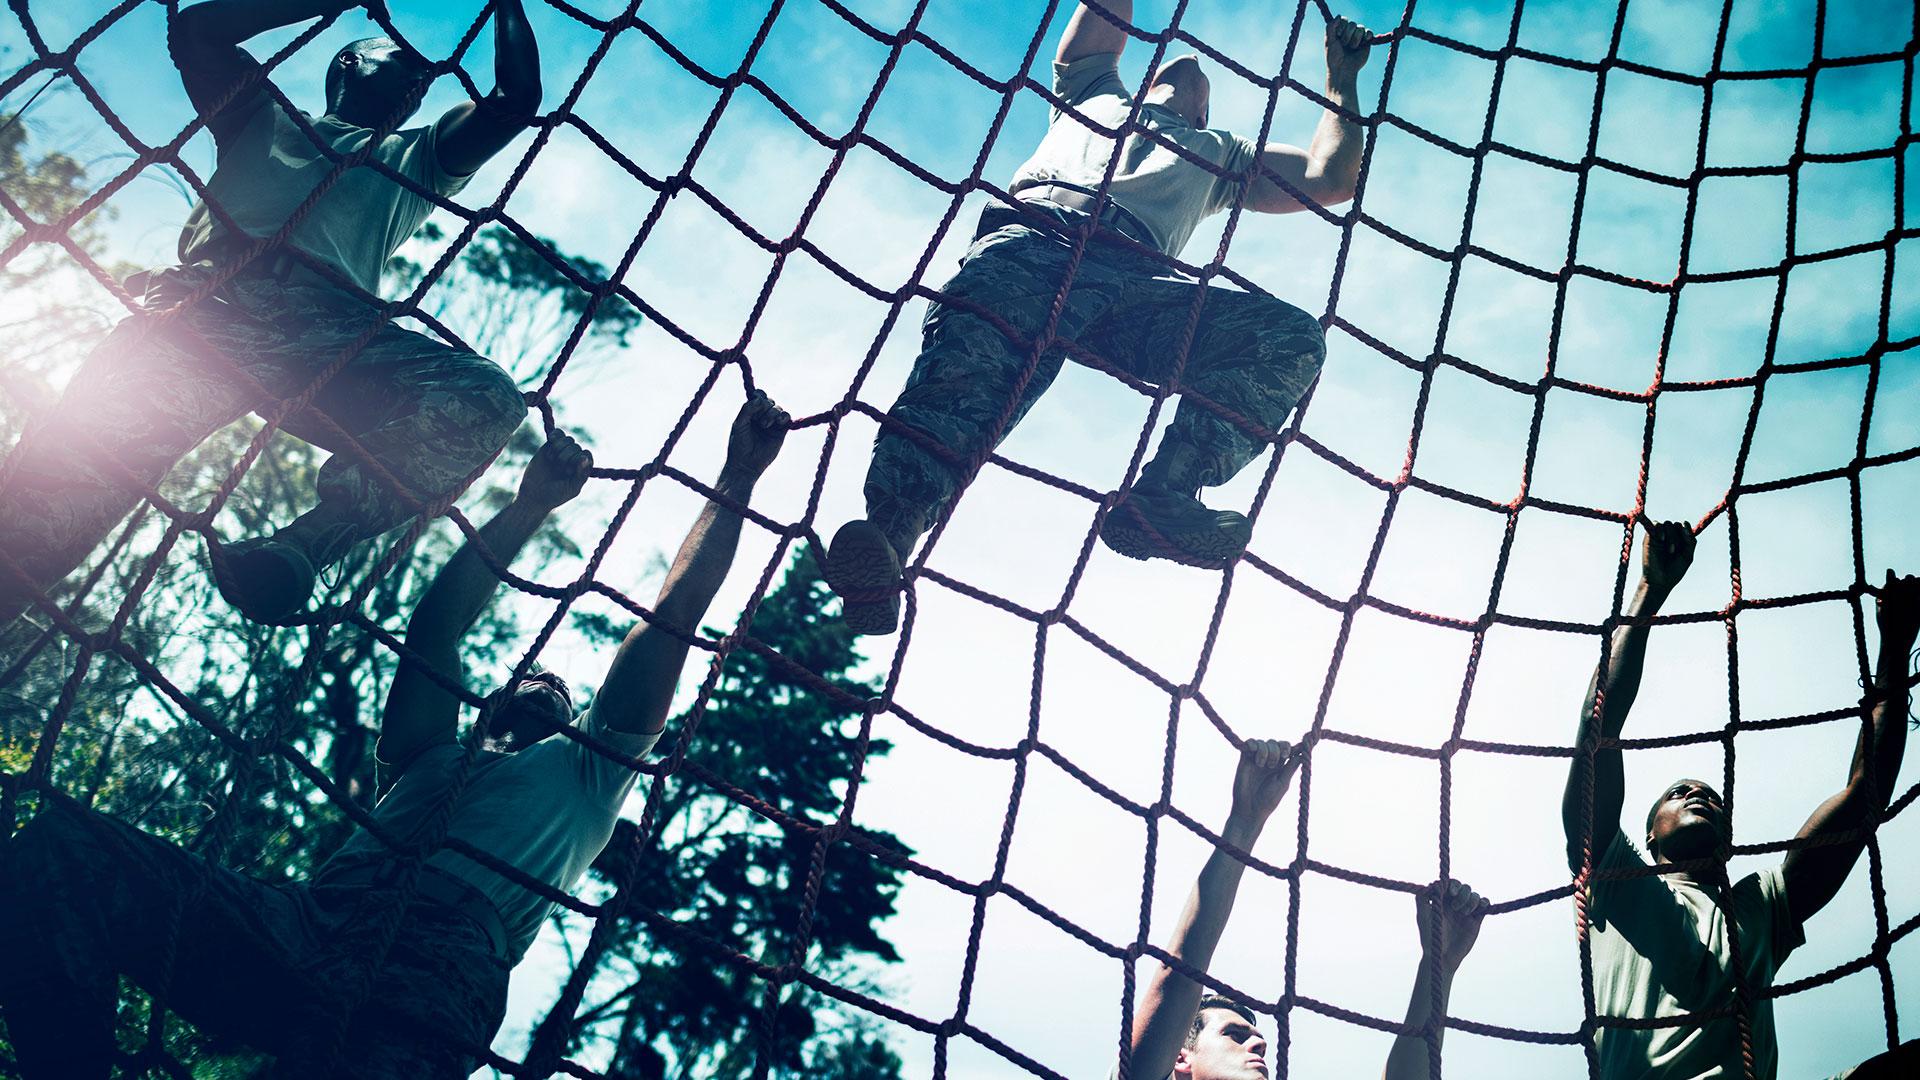 O conceito do treinamento concorrente: Resistência x força